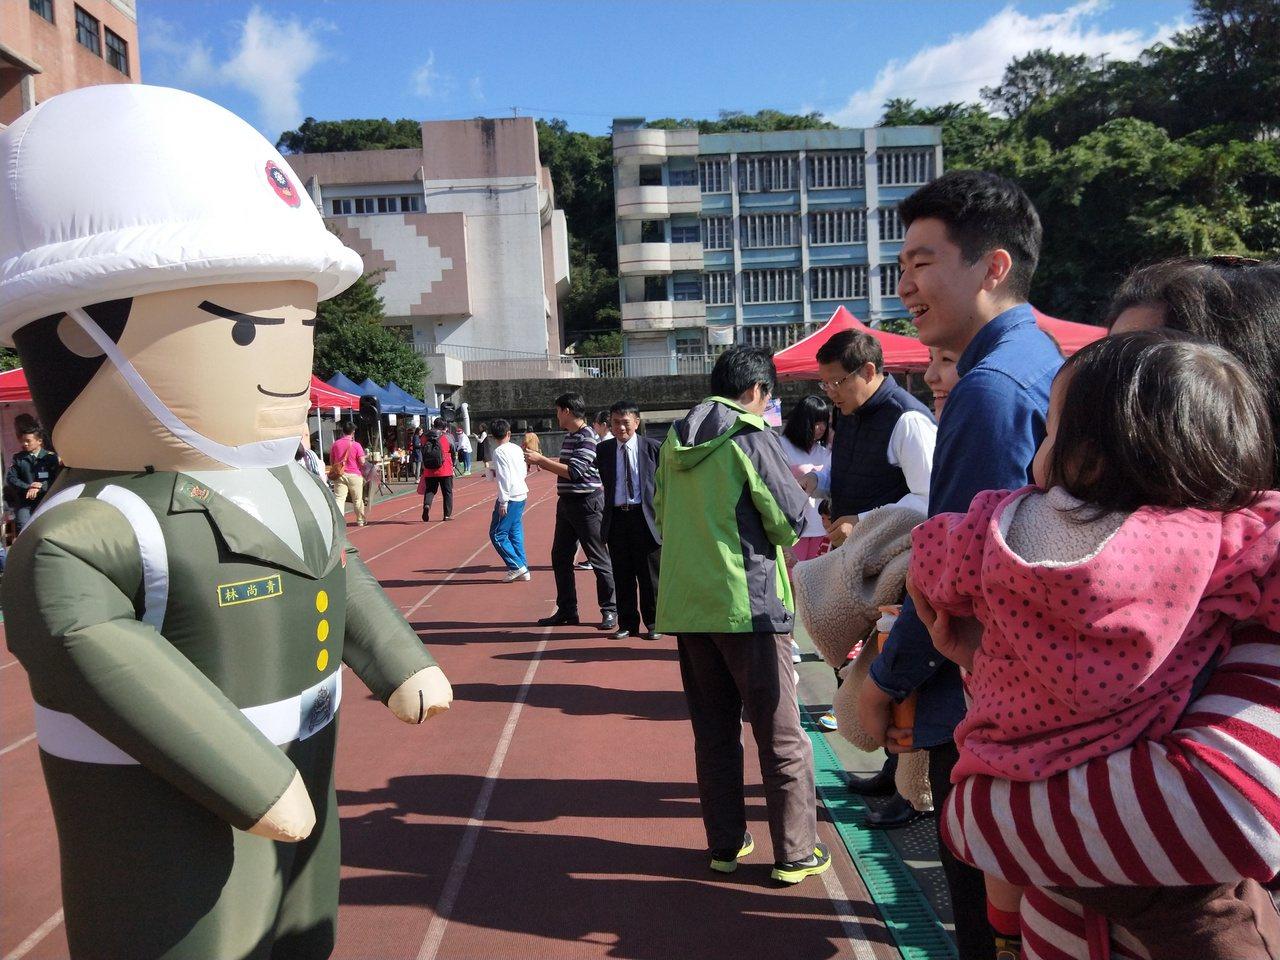 信義國中校慶,國軍人偶受到學生歡迎。記者游明煌/攝影